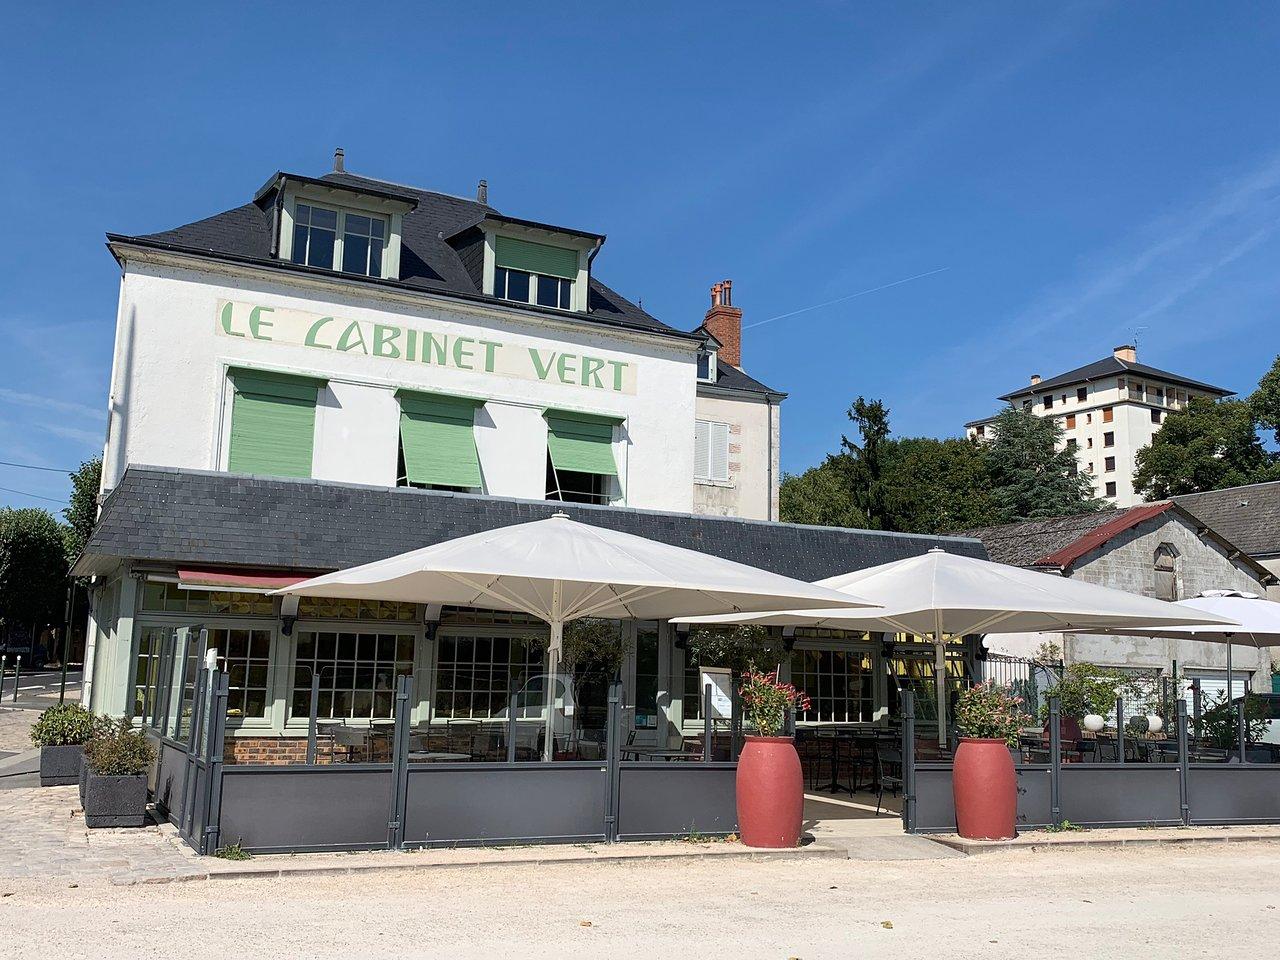 Envia Cuisine Fleury Les Aubrais suites du cabinet vert (orleáns, francia): opiniones